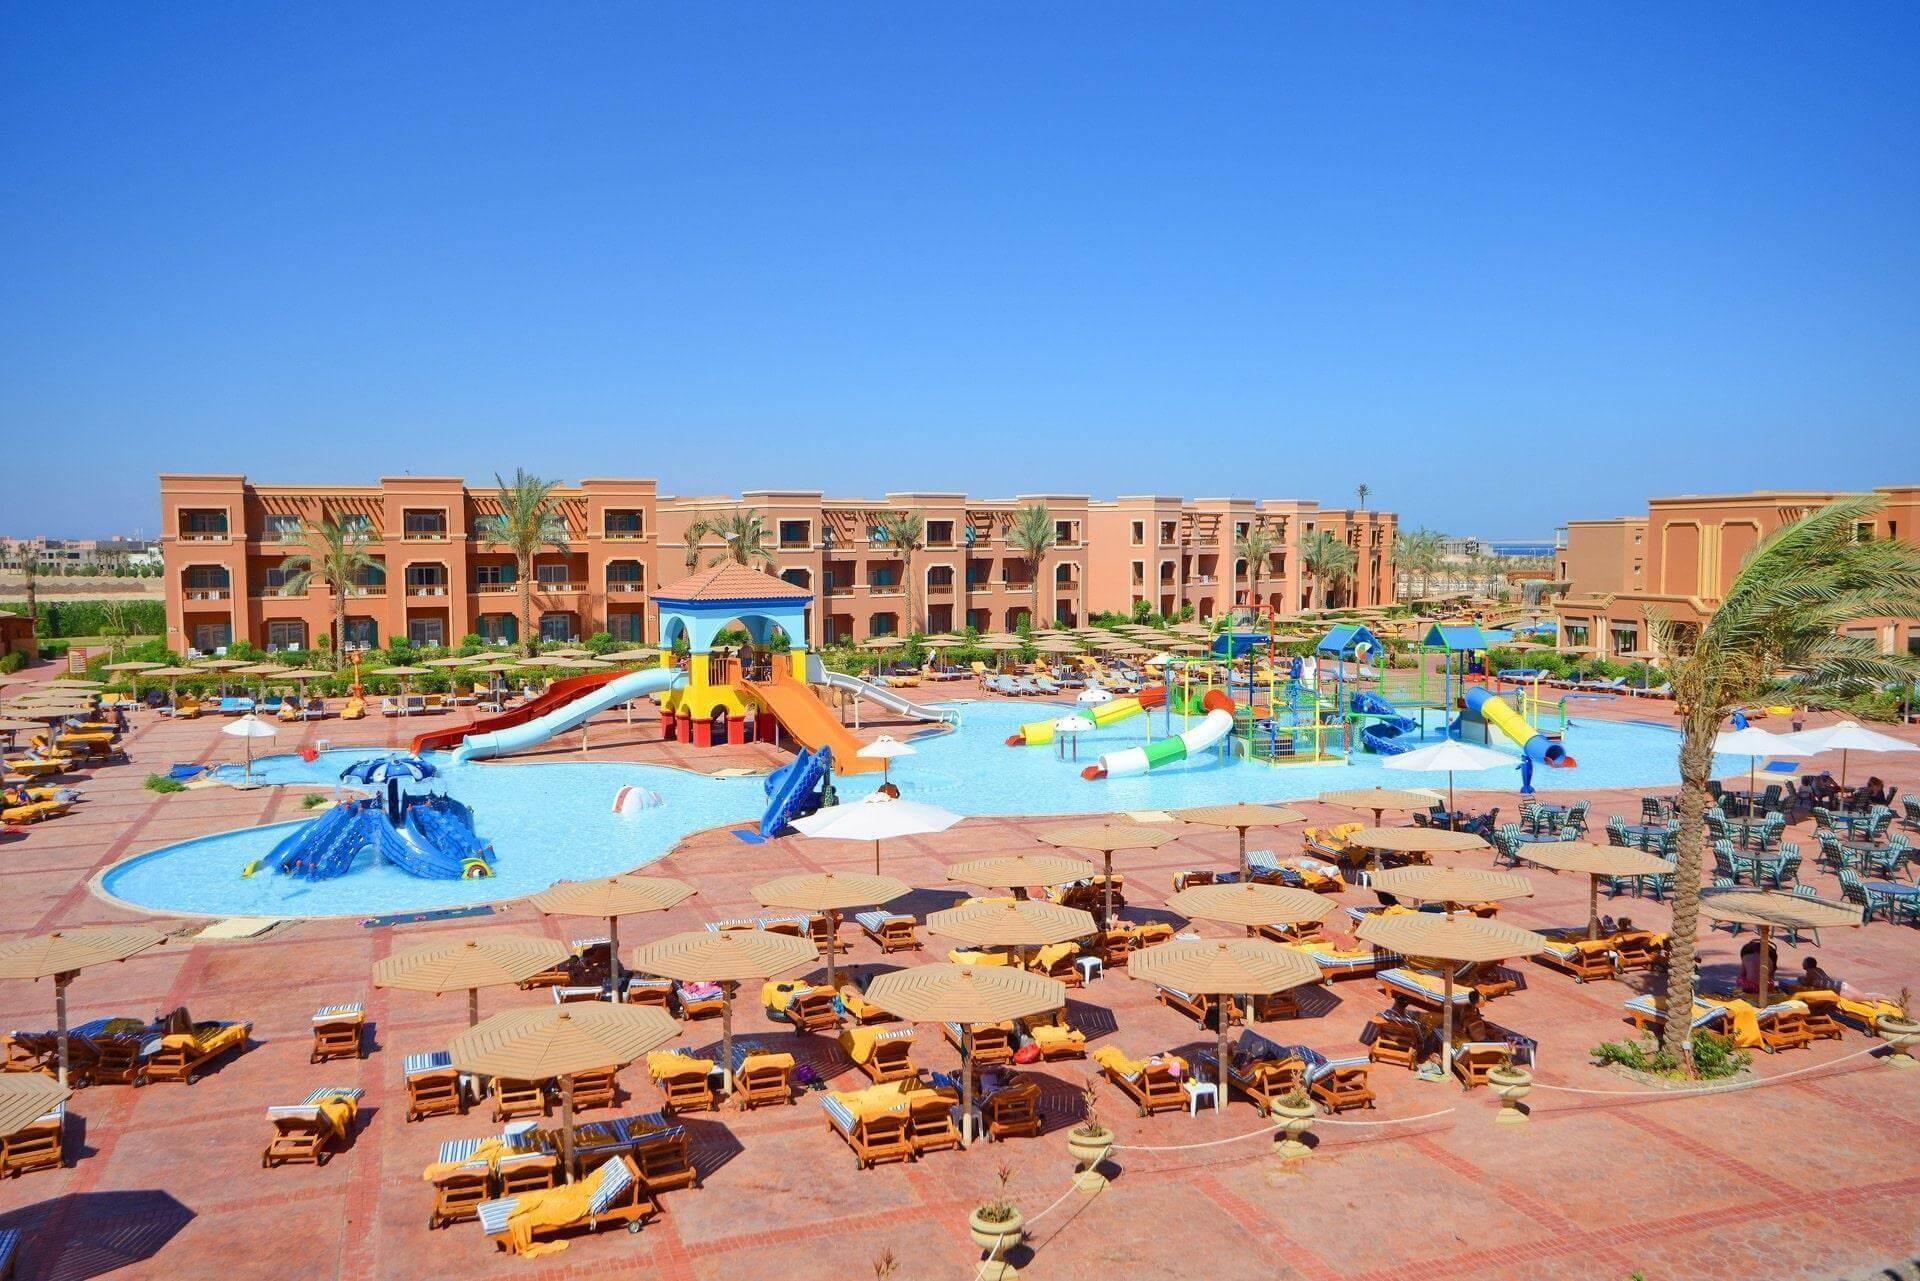 5-звездочный отель Charmillion Club Aqua Park в Шарме